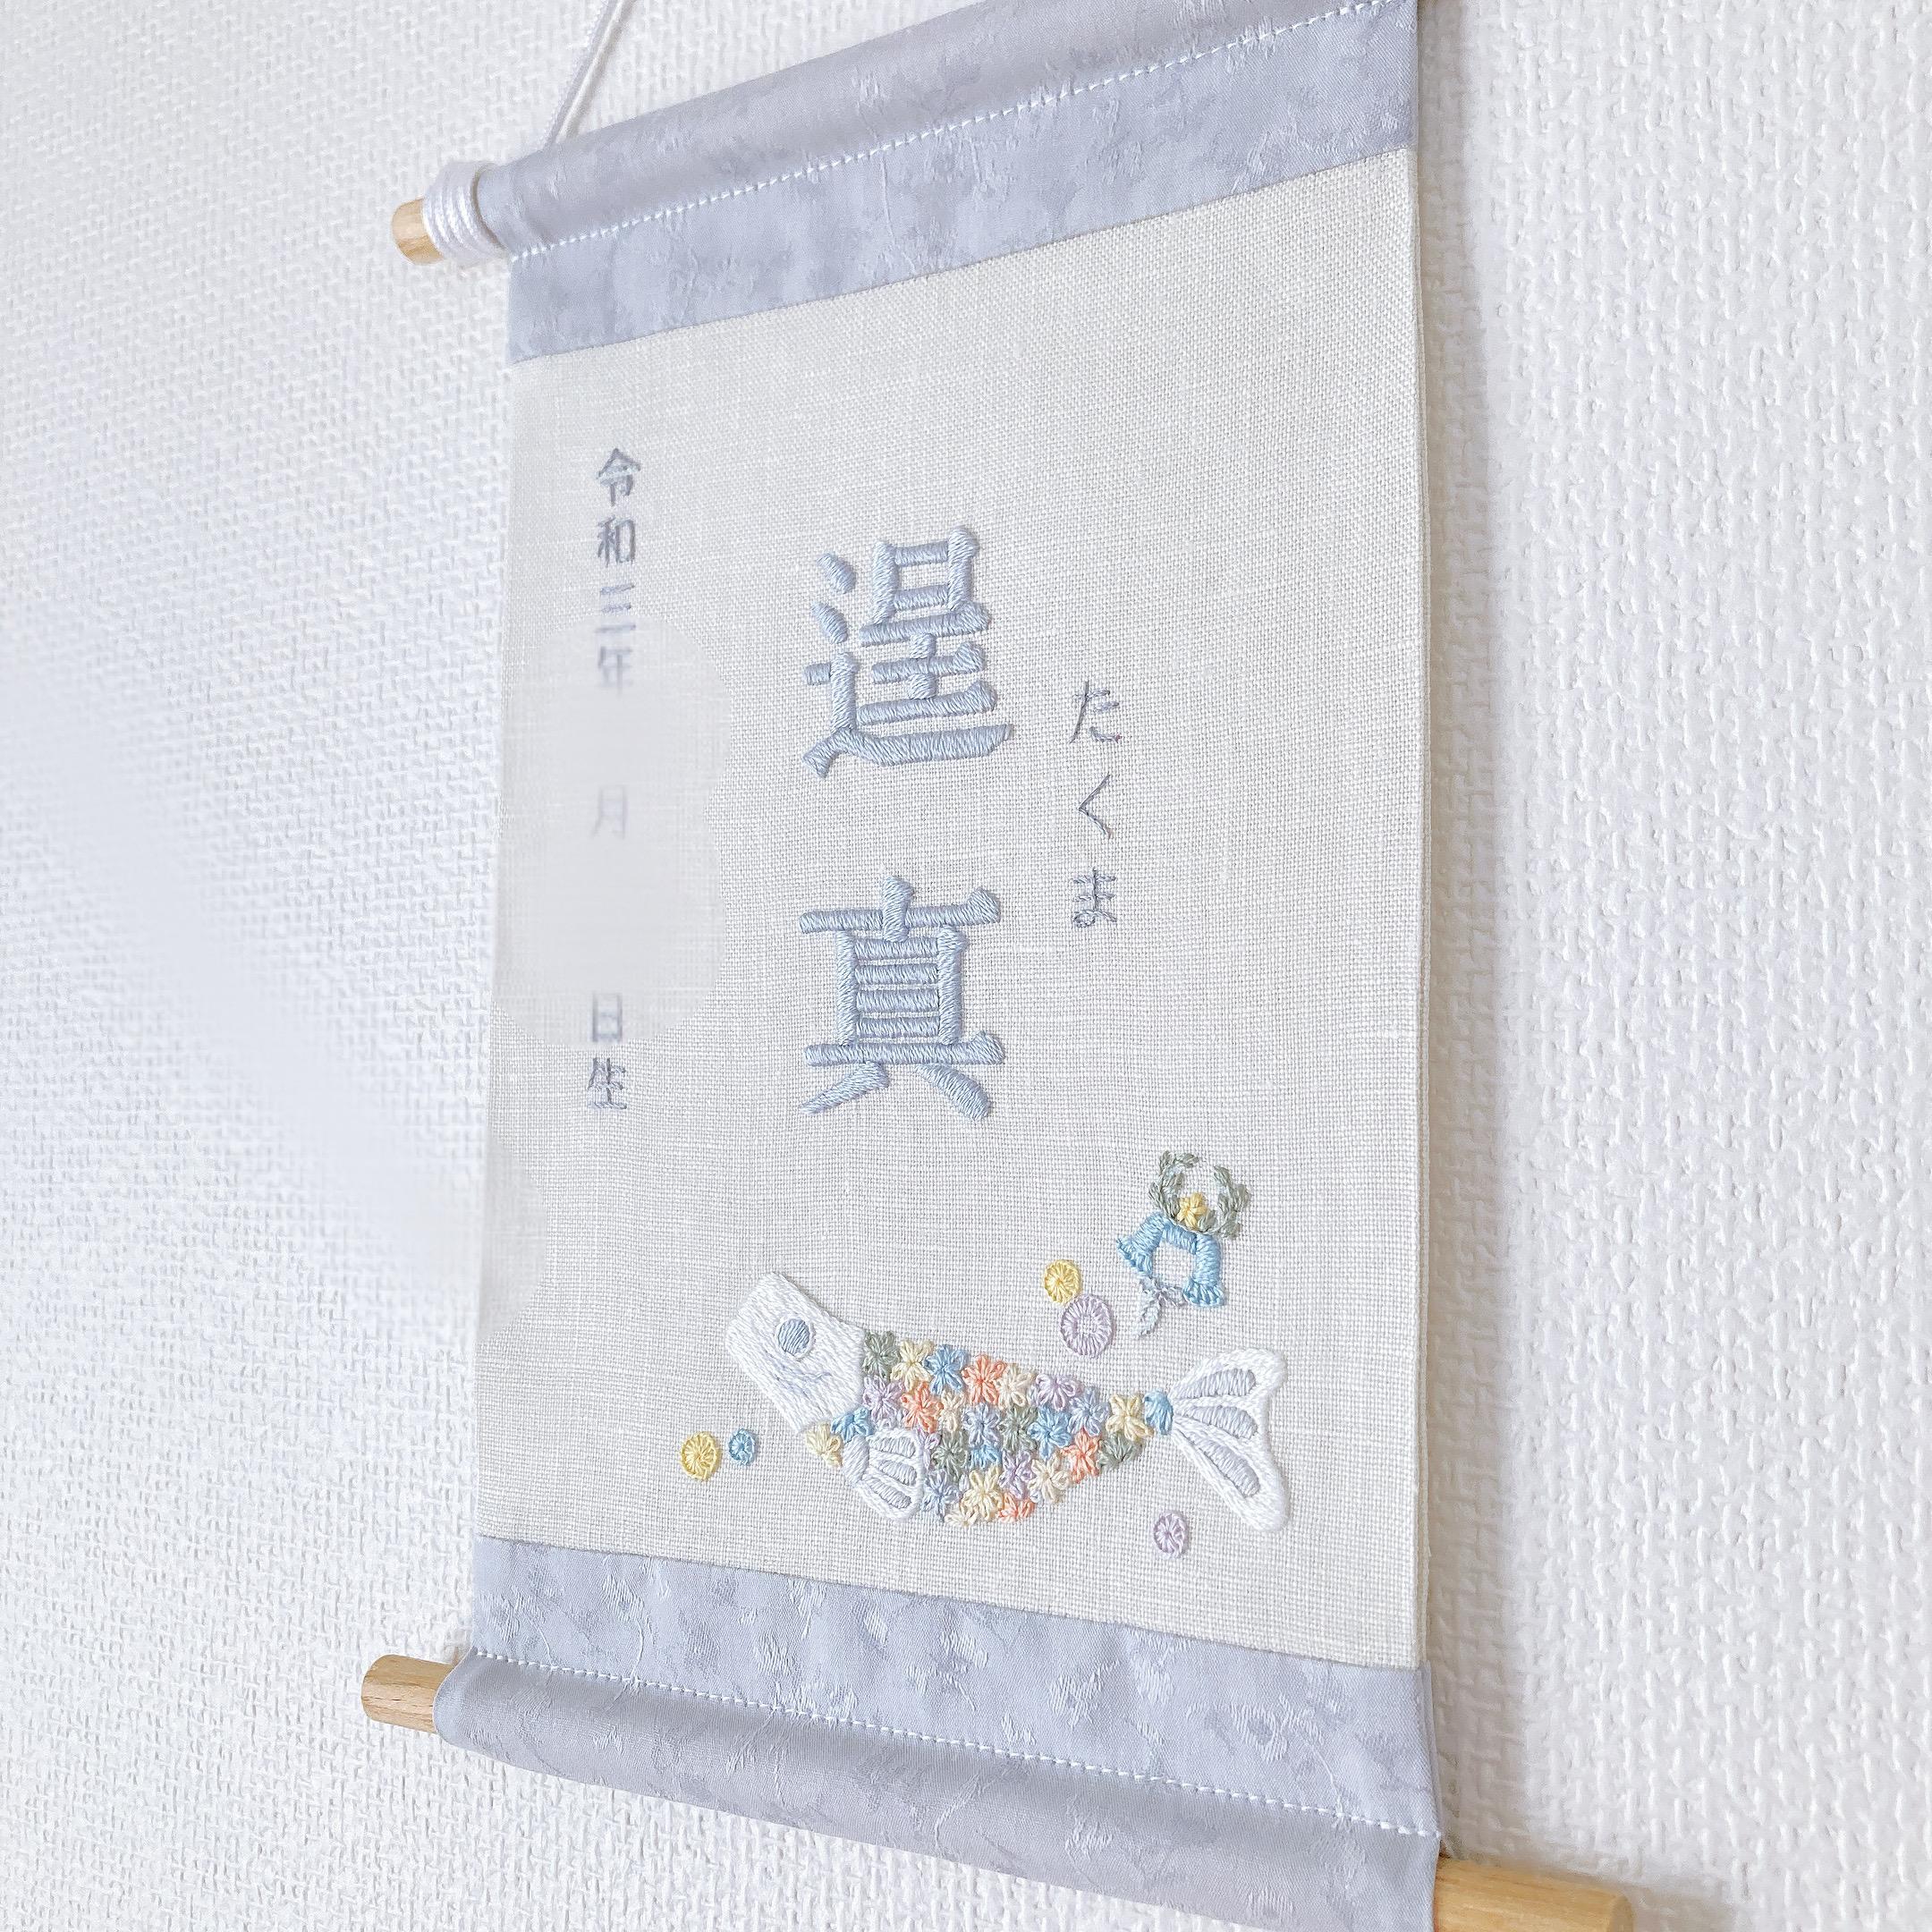 オーダーメイド刺繍命名書鯉のぼり